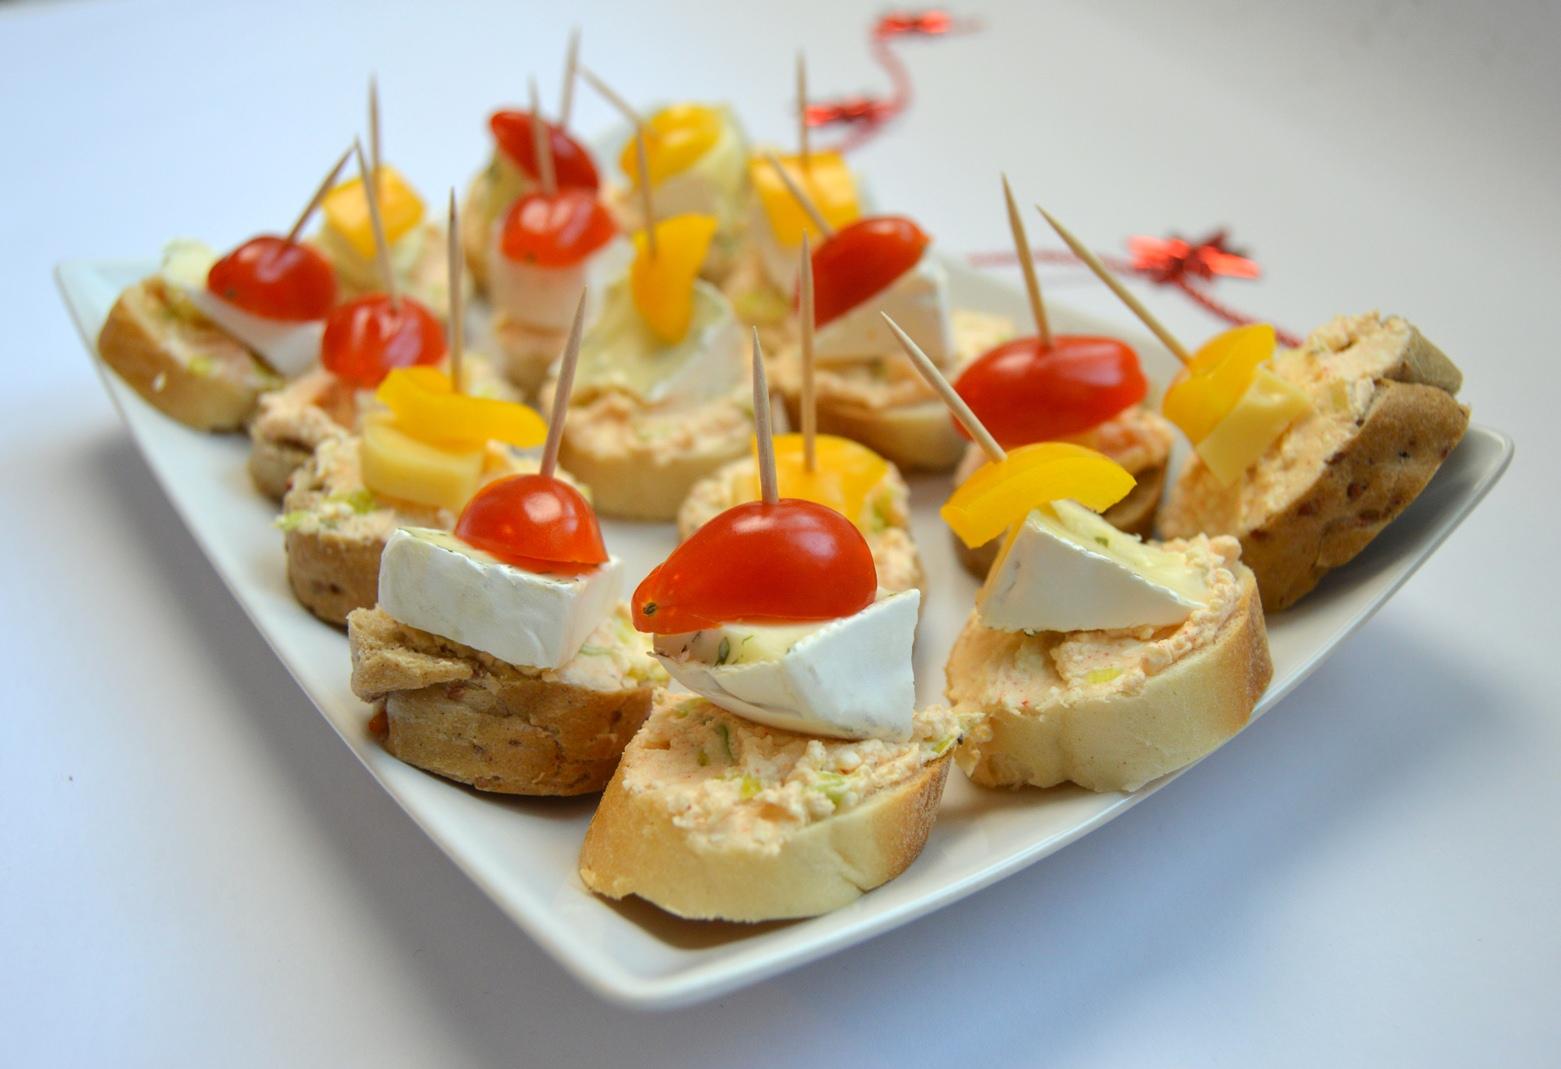 Silvestrovské jednohubky se sýrovou pomazánkou